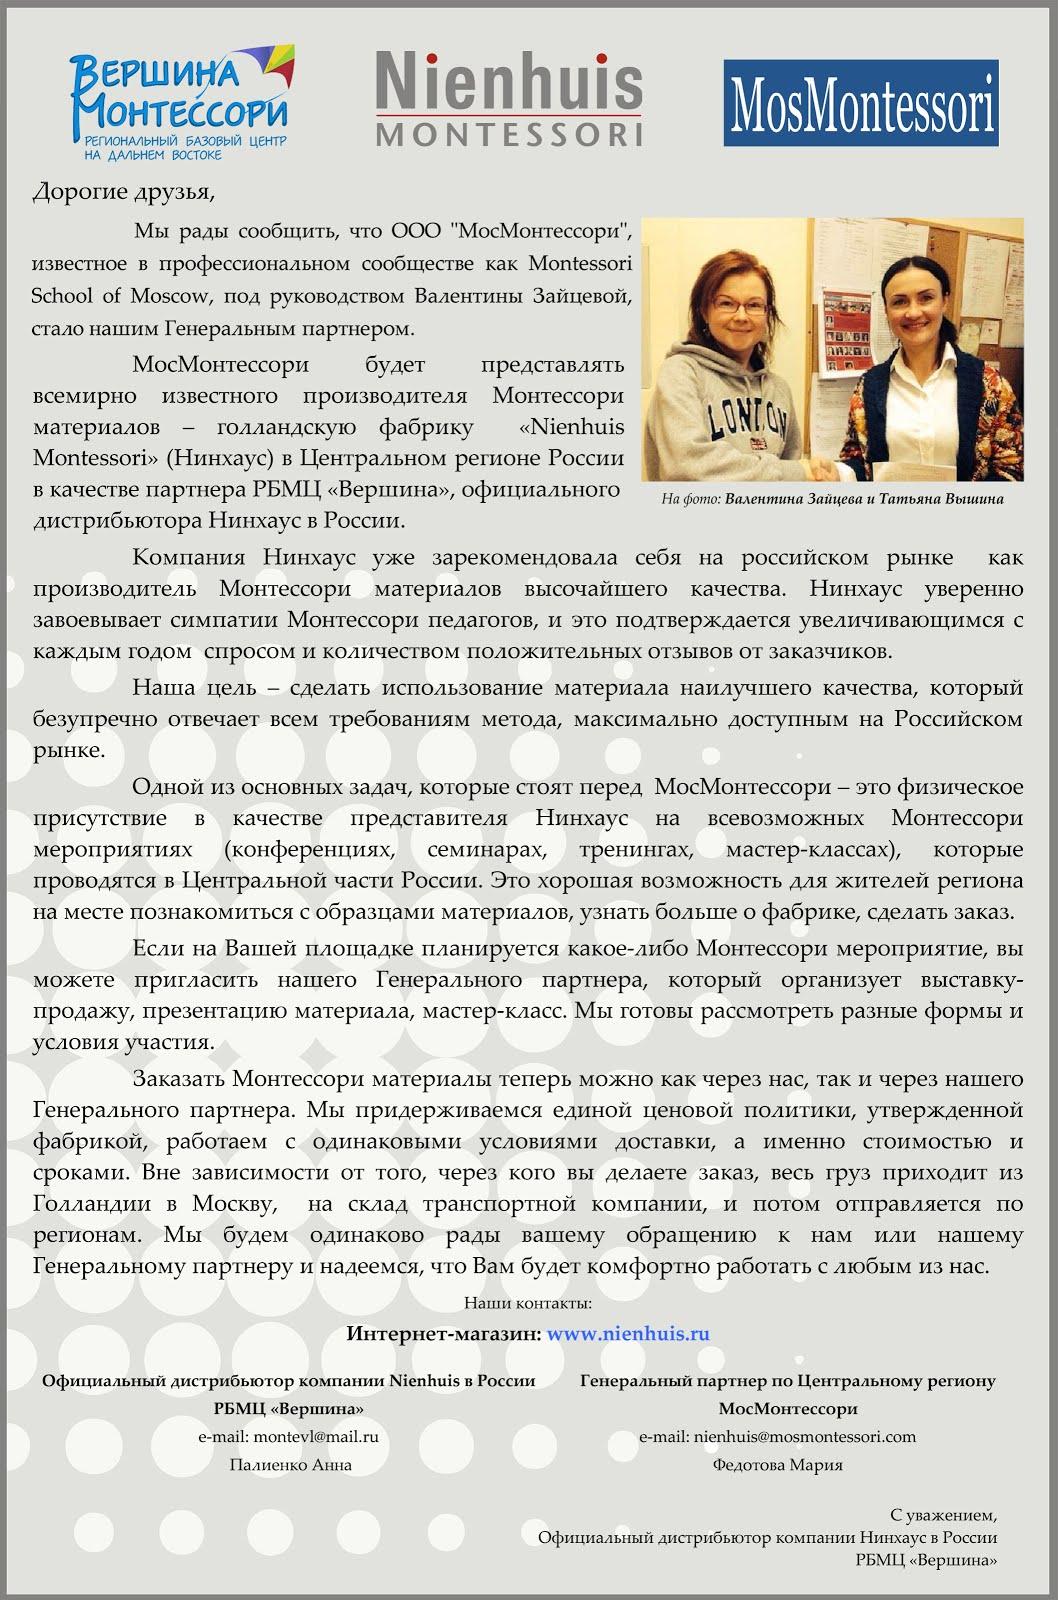 МосМонтессори - Генеральный партнер дистрибьютора Nienhuis в Центральном регионе